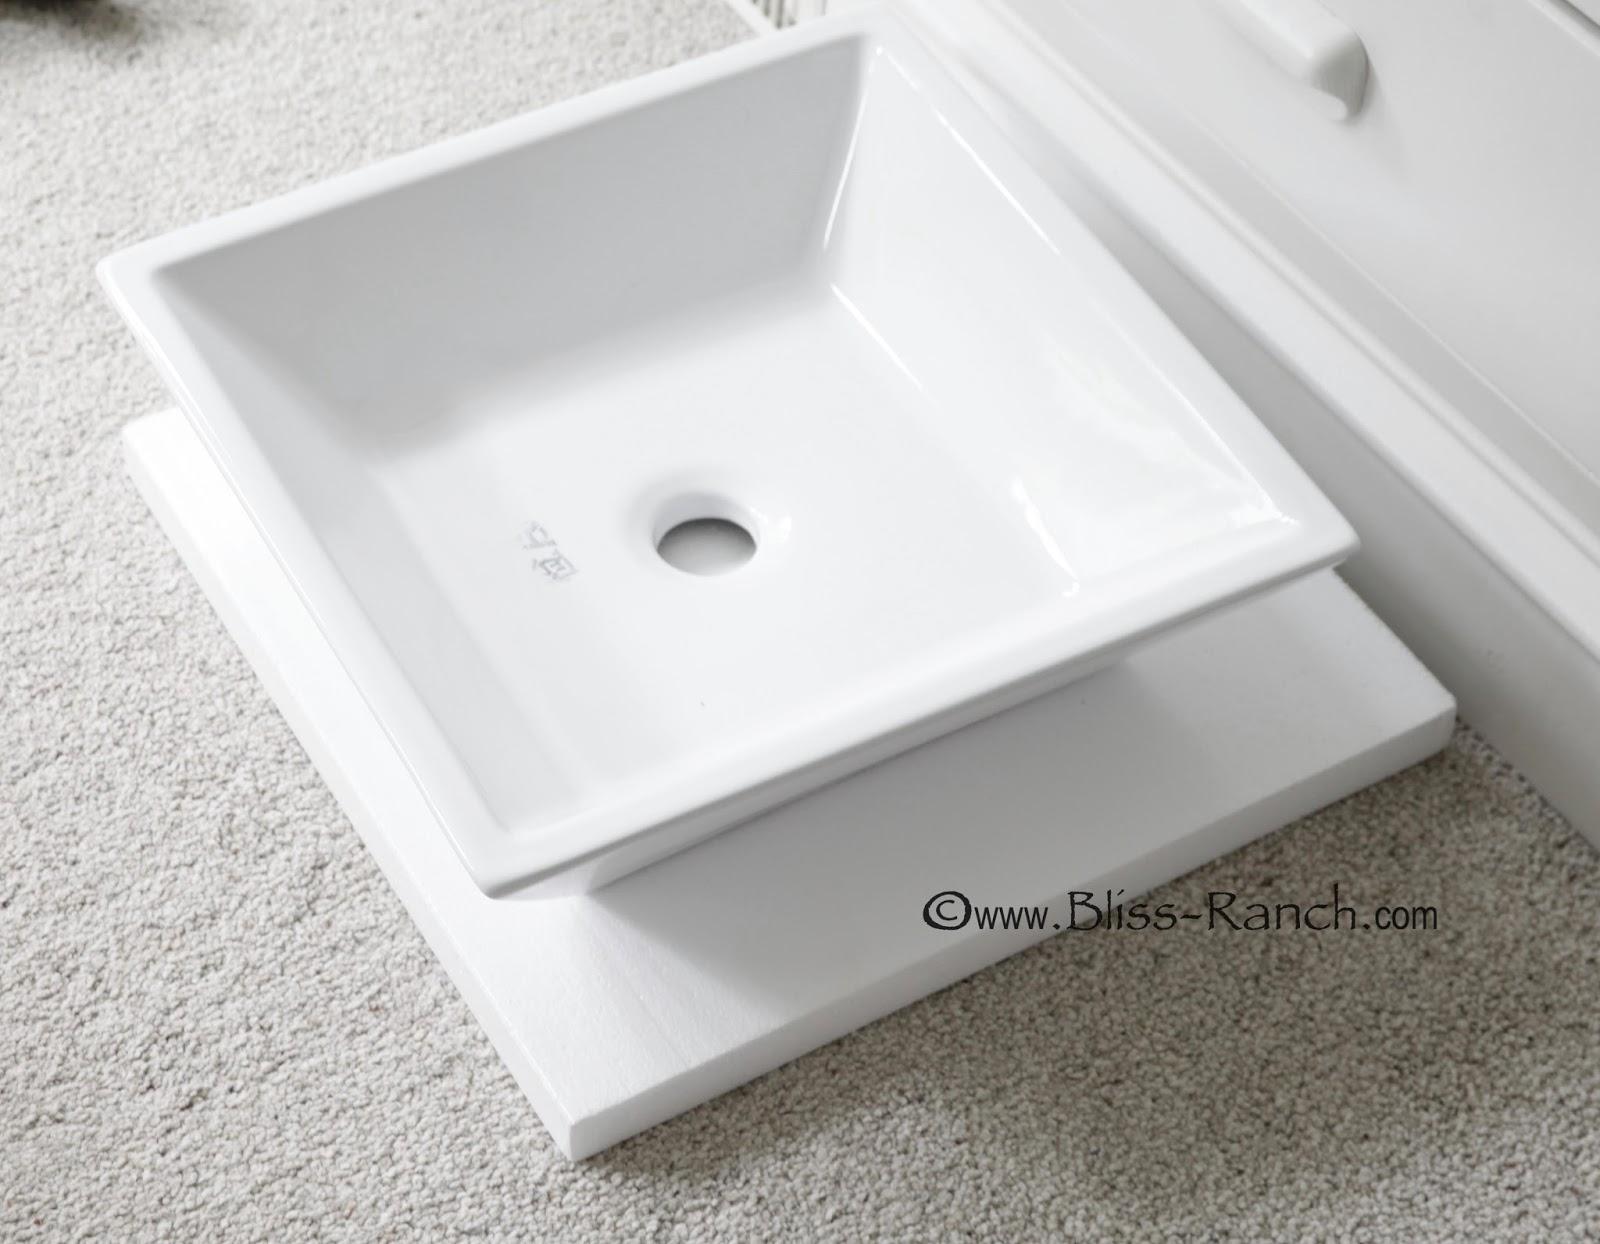 Poured Concrete Counter Vessel Sink Bliss-Ranch.com